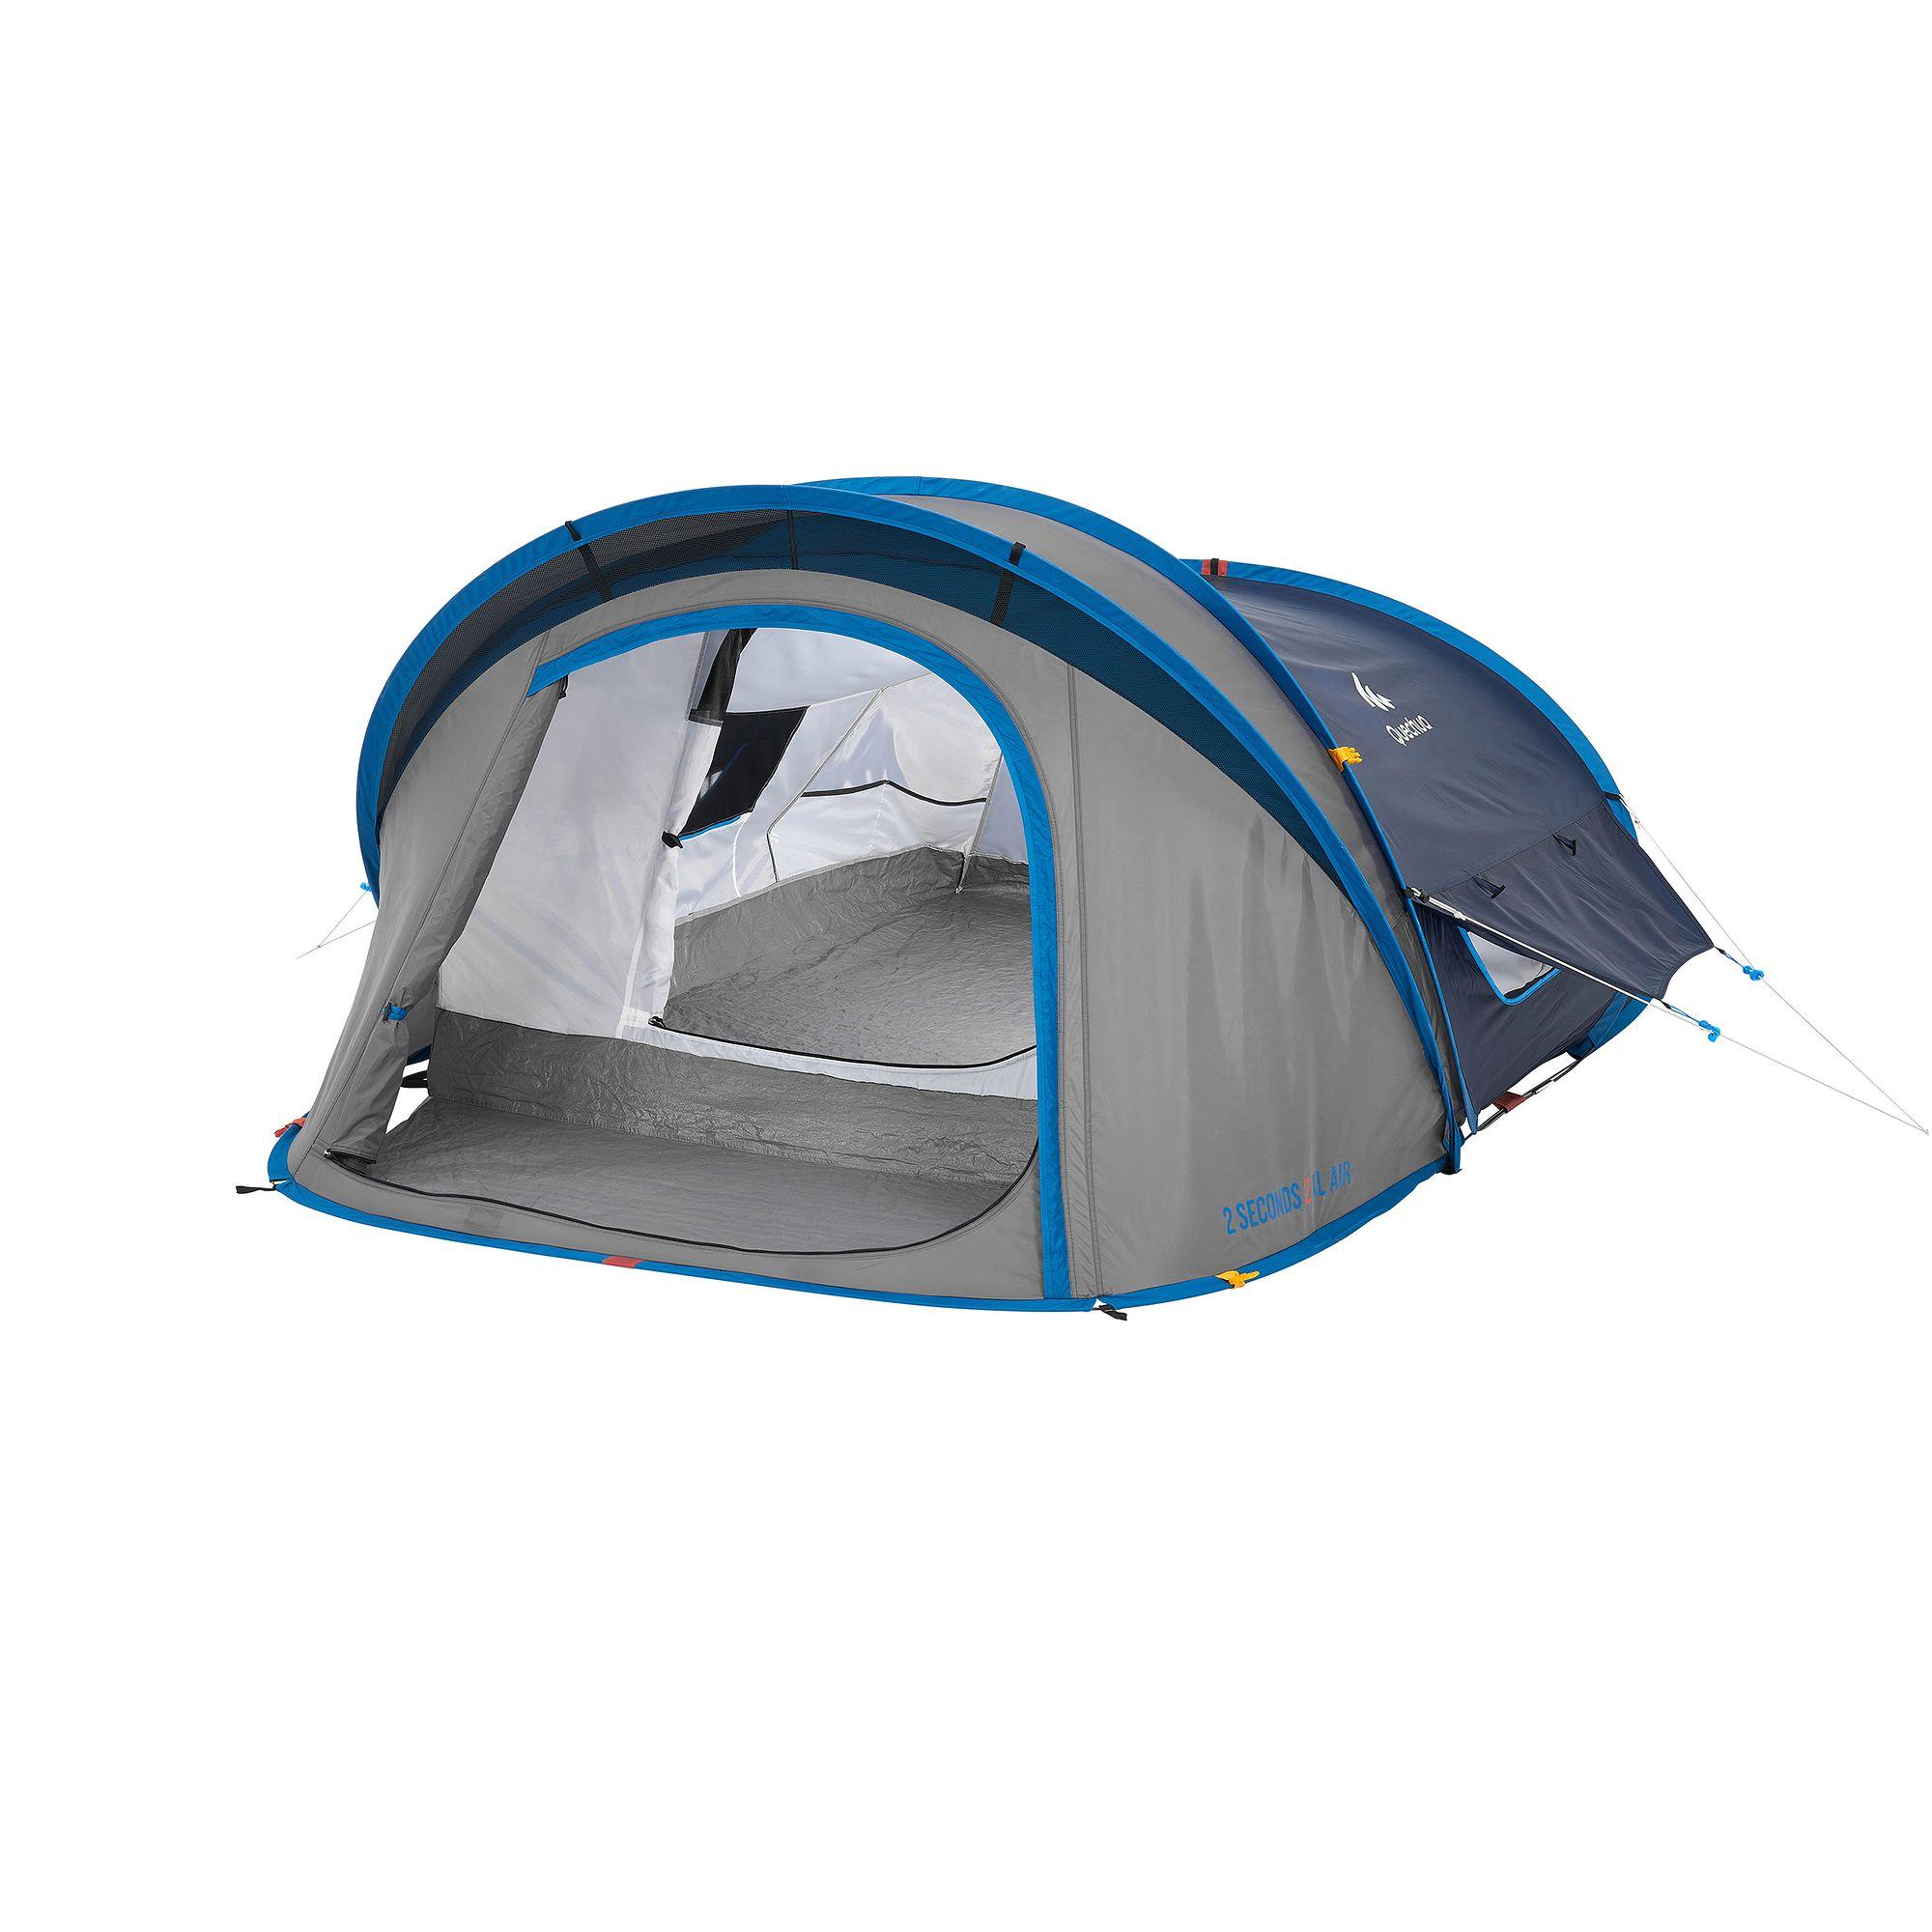 Tente de camping 2 seconds xl air 2 personnes